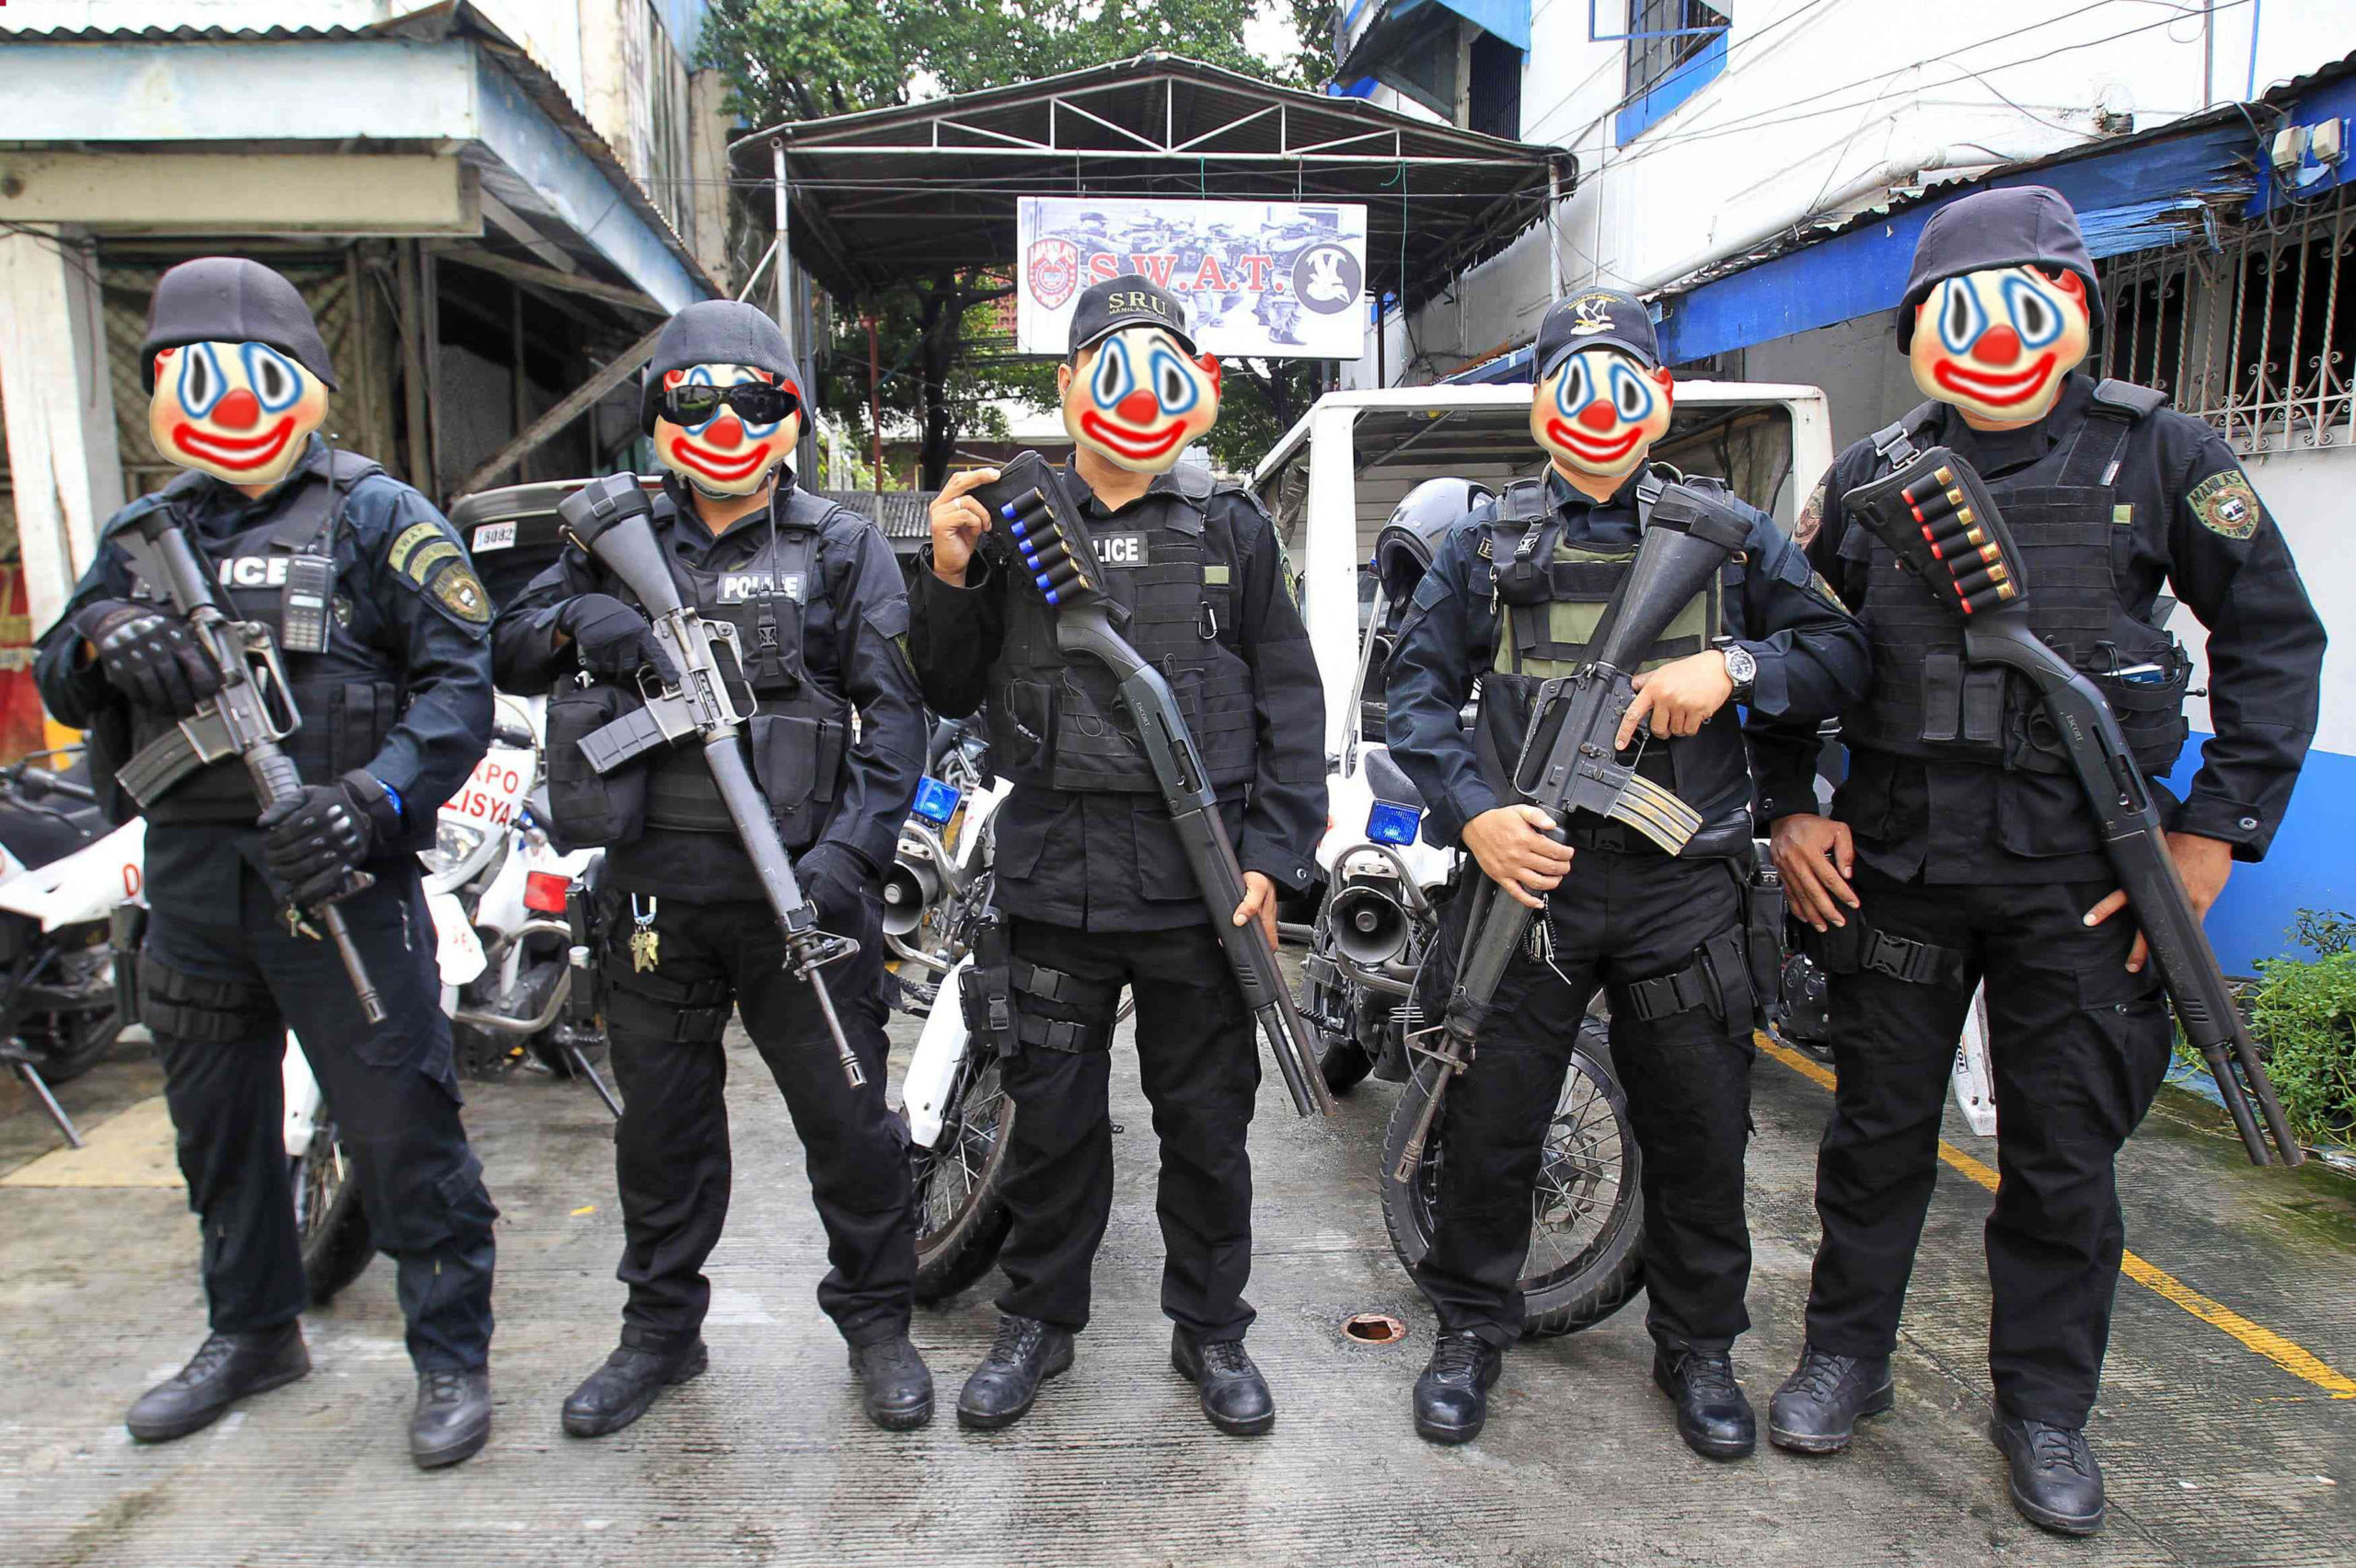 Так себе пранк. Полиция поздравляет филиппинцев с Рождеством обвинениями в убийстве